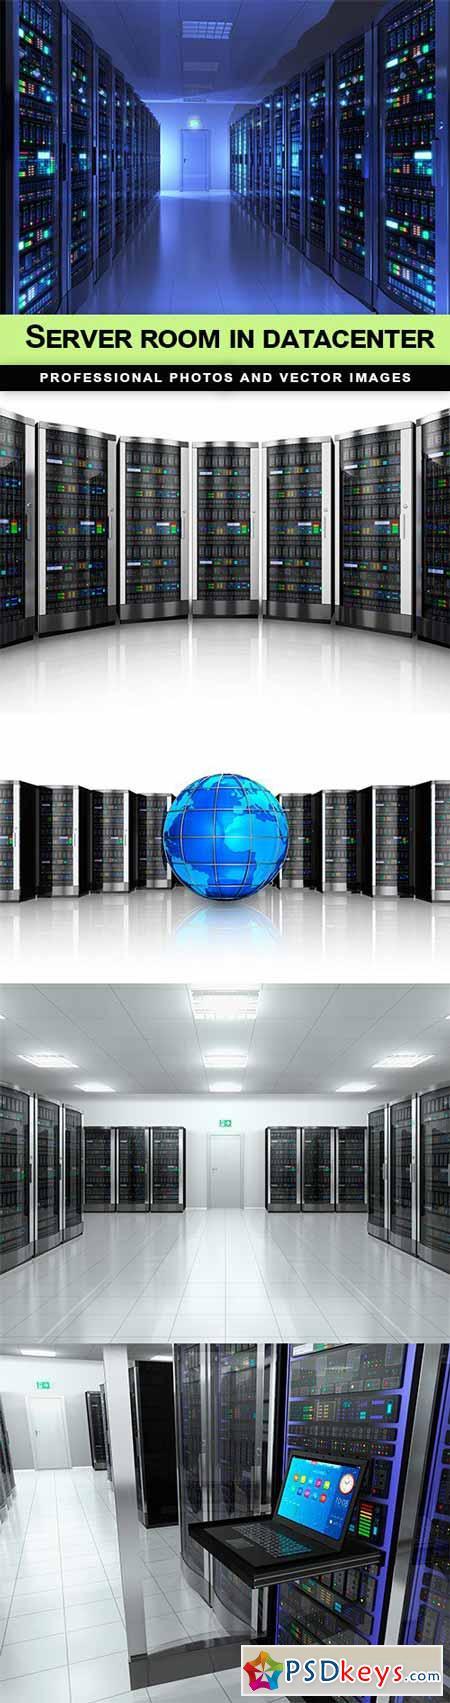 Server room in datacenter - 5 UHQ JPEG